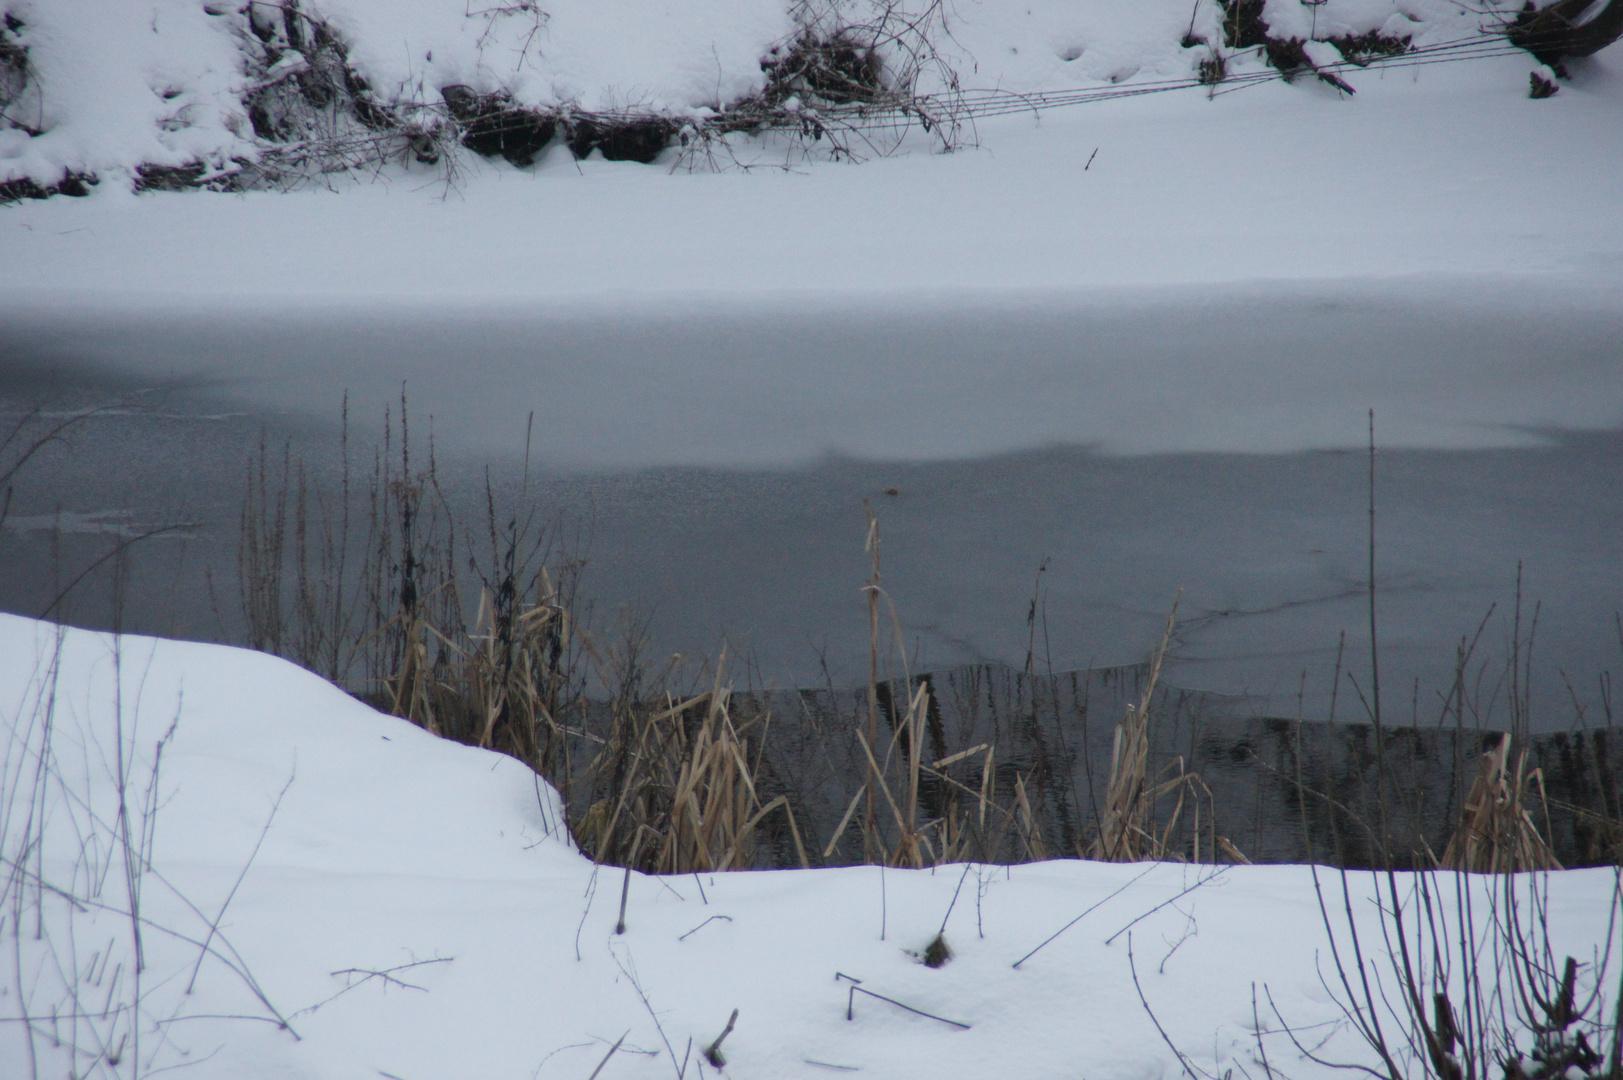 VORSICHT GEBOTEN - Beim Betreten des Sees